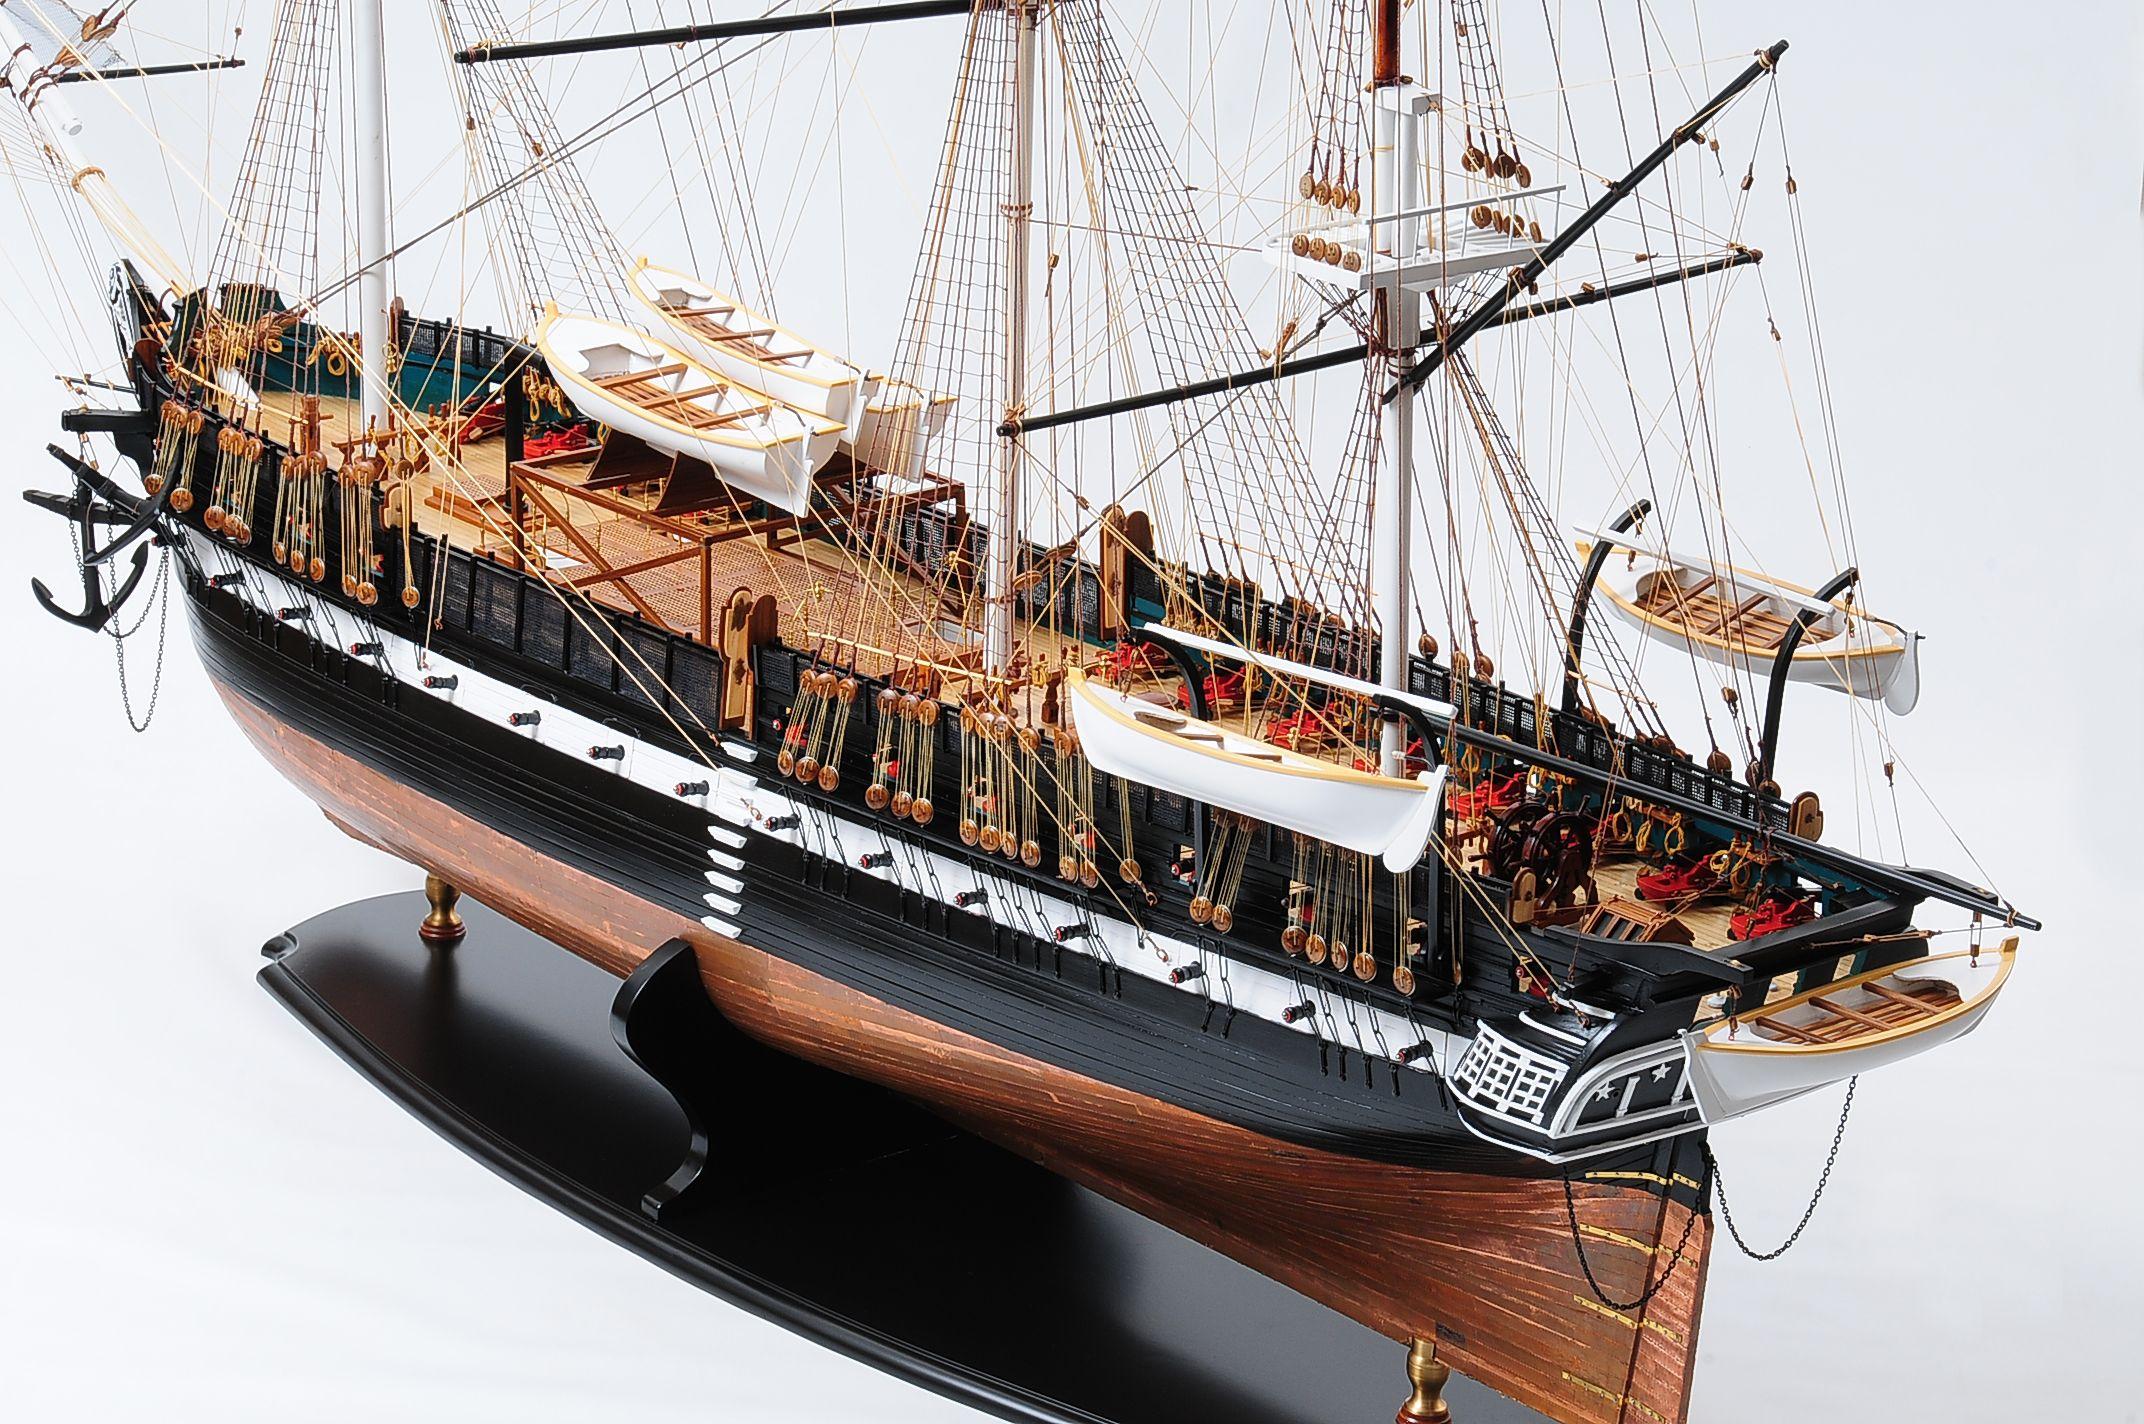 1258-7883-USS-Constitution-Model-Ship-Premier-Range